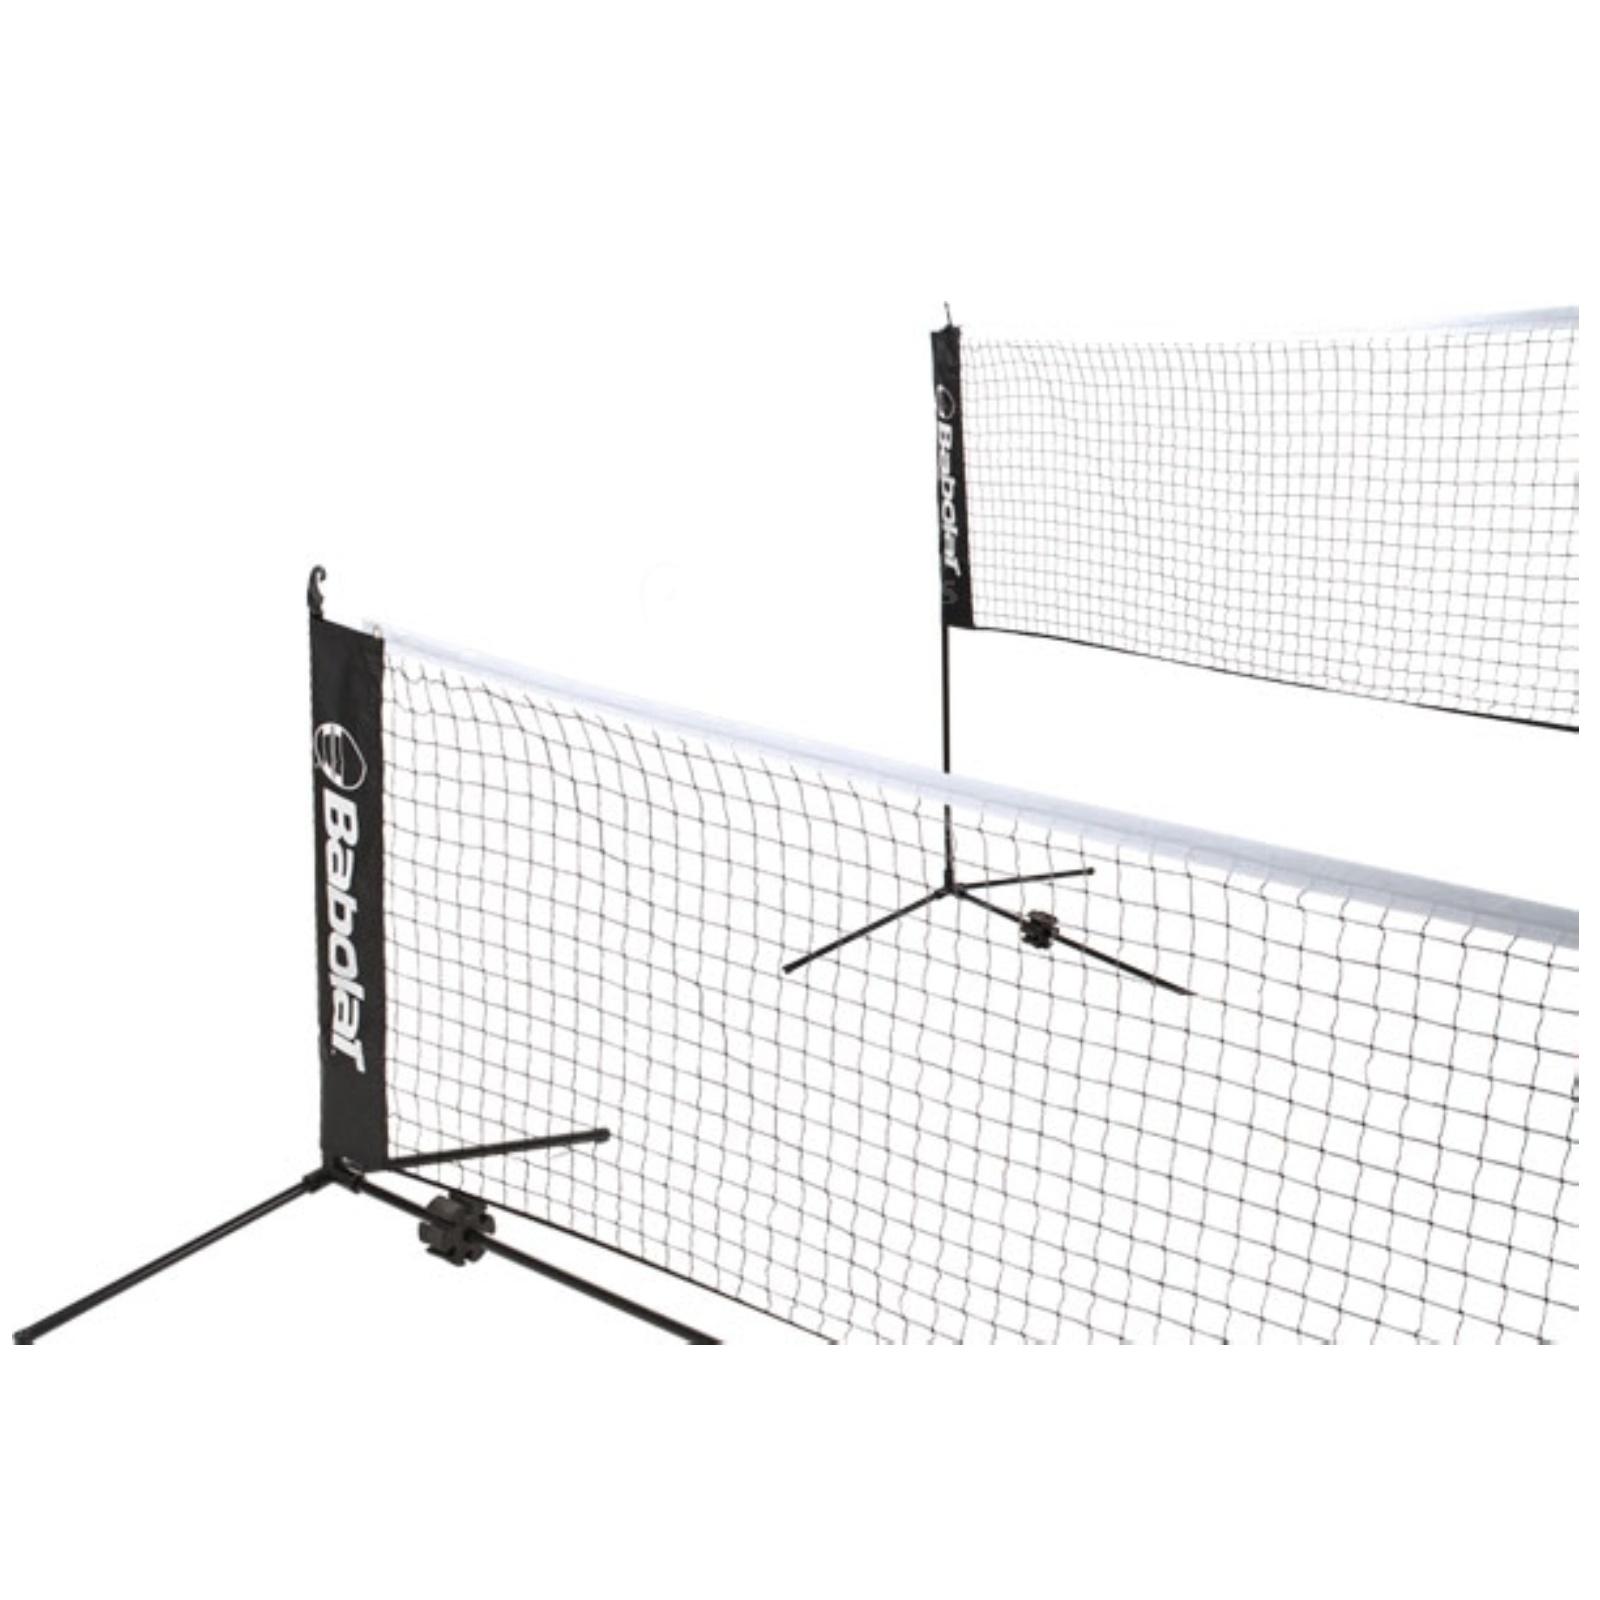 Tenisová síť BABOLAT Mini Tennis Net skládací síť 5,8 m